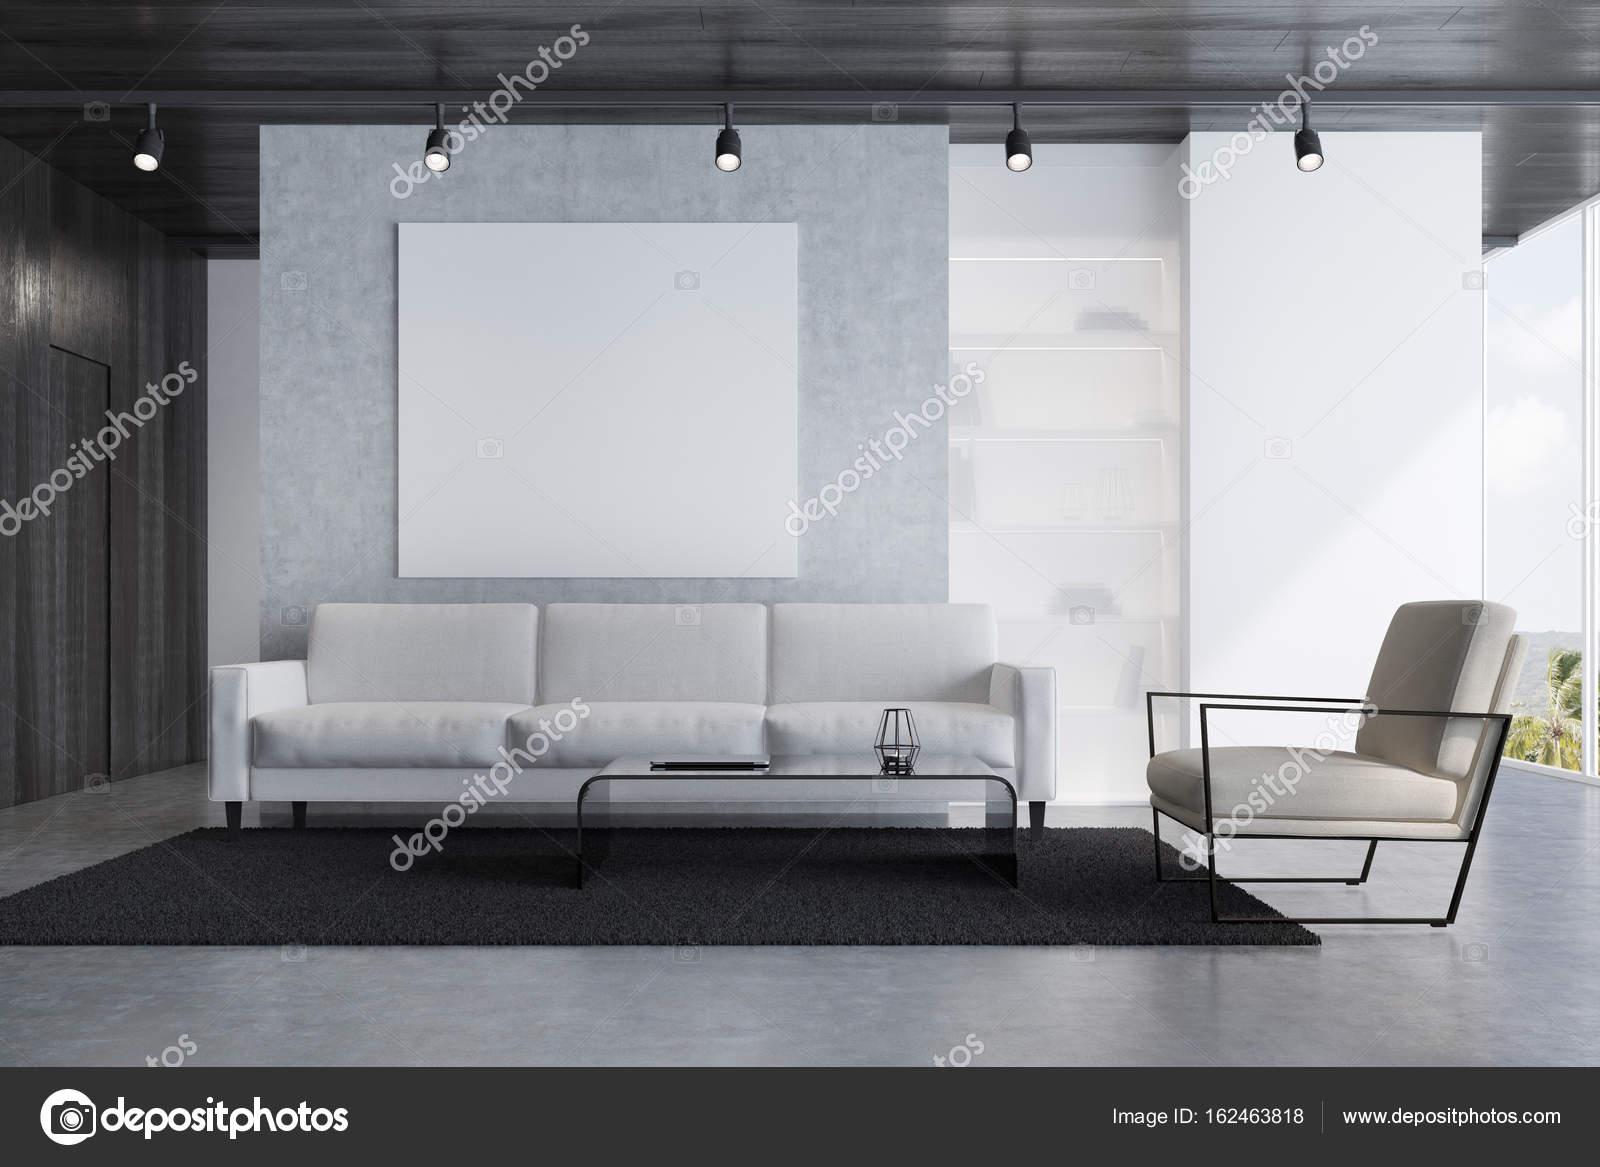 Woonkamer Grijze Bank : Elegante blauwe woonkamer withh grijze bank stock illustratie